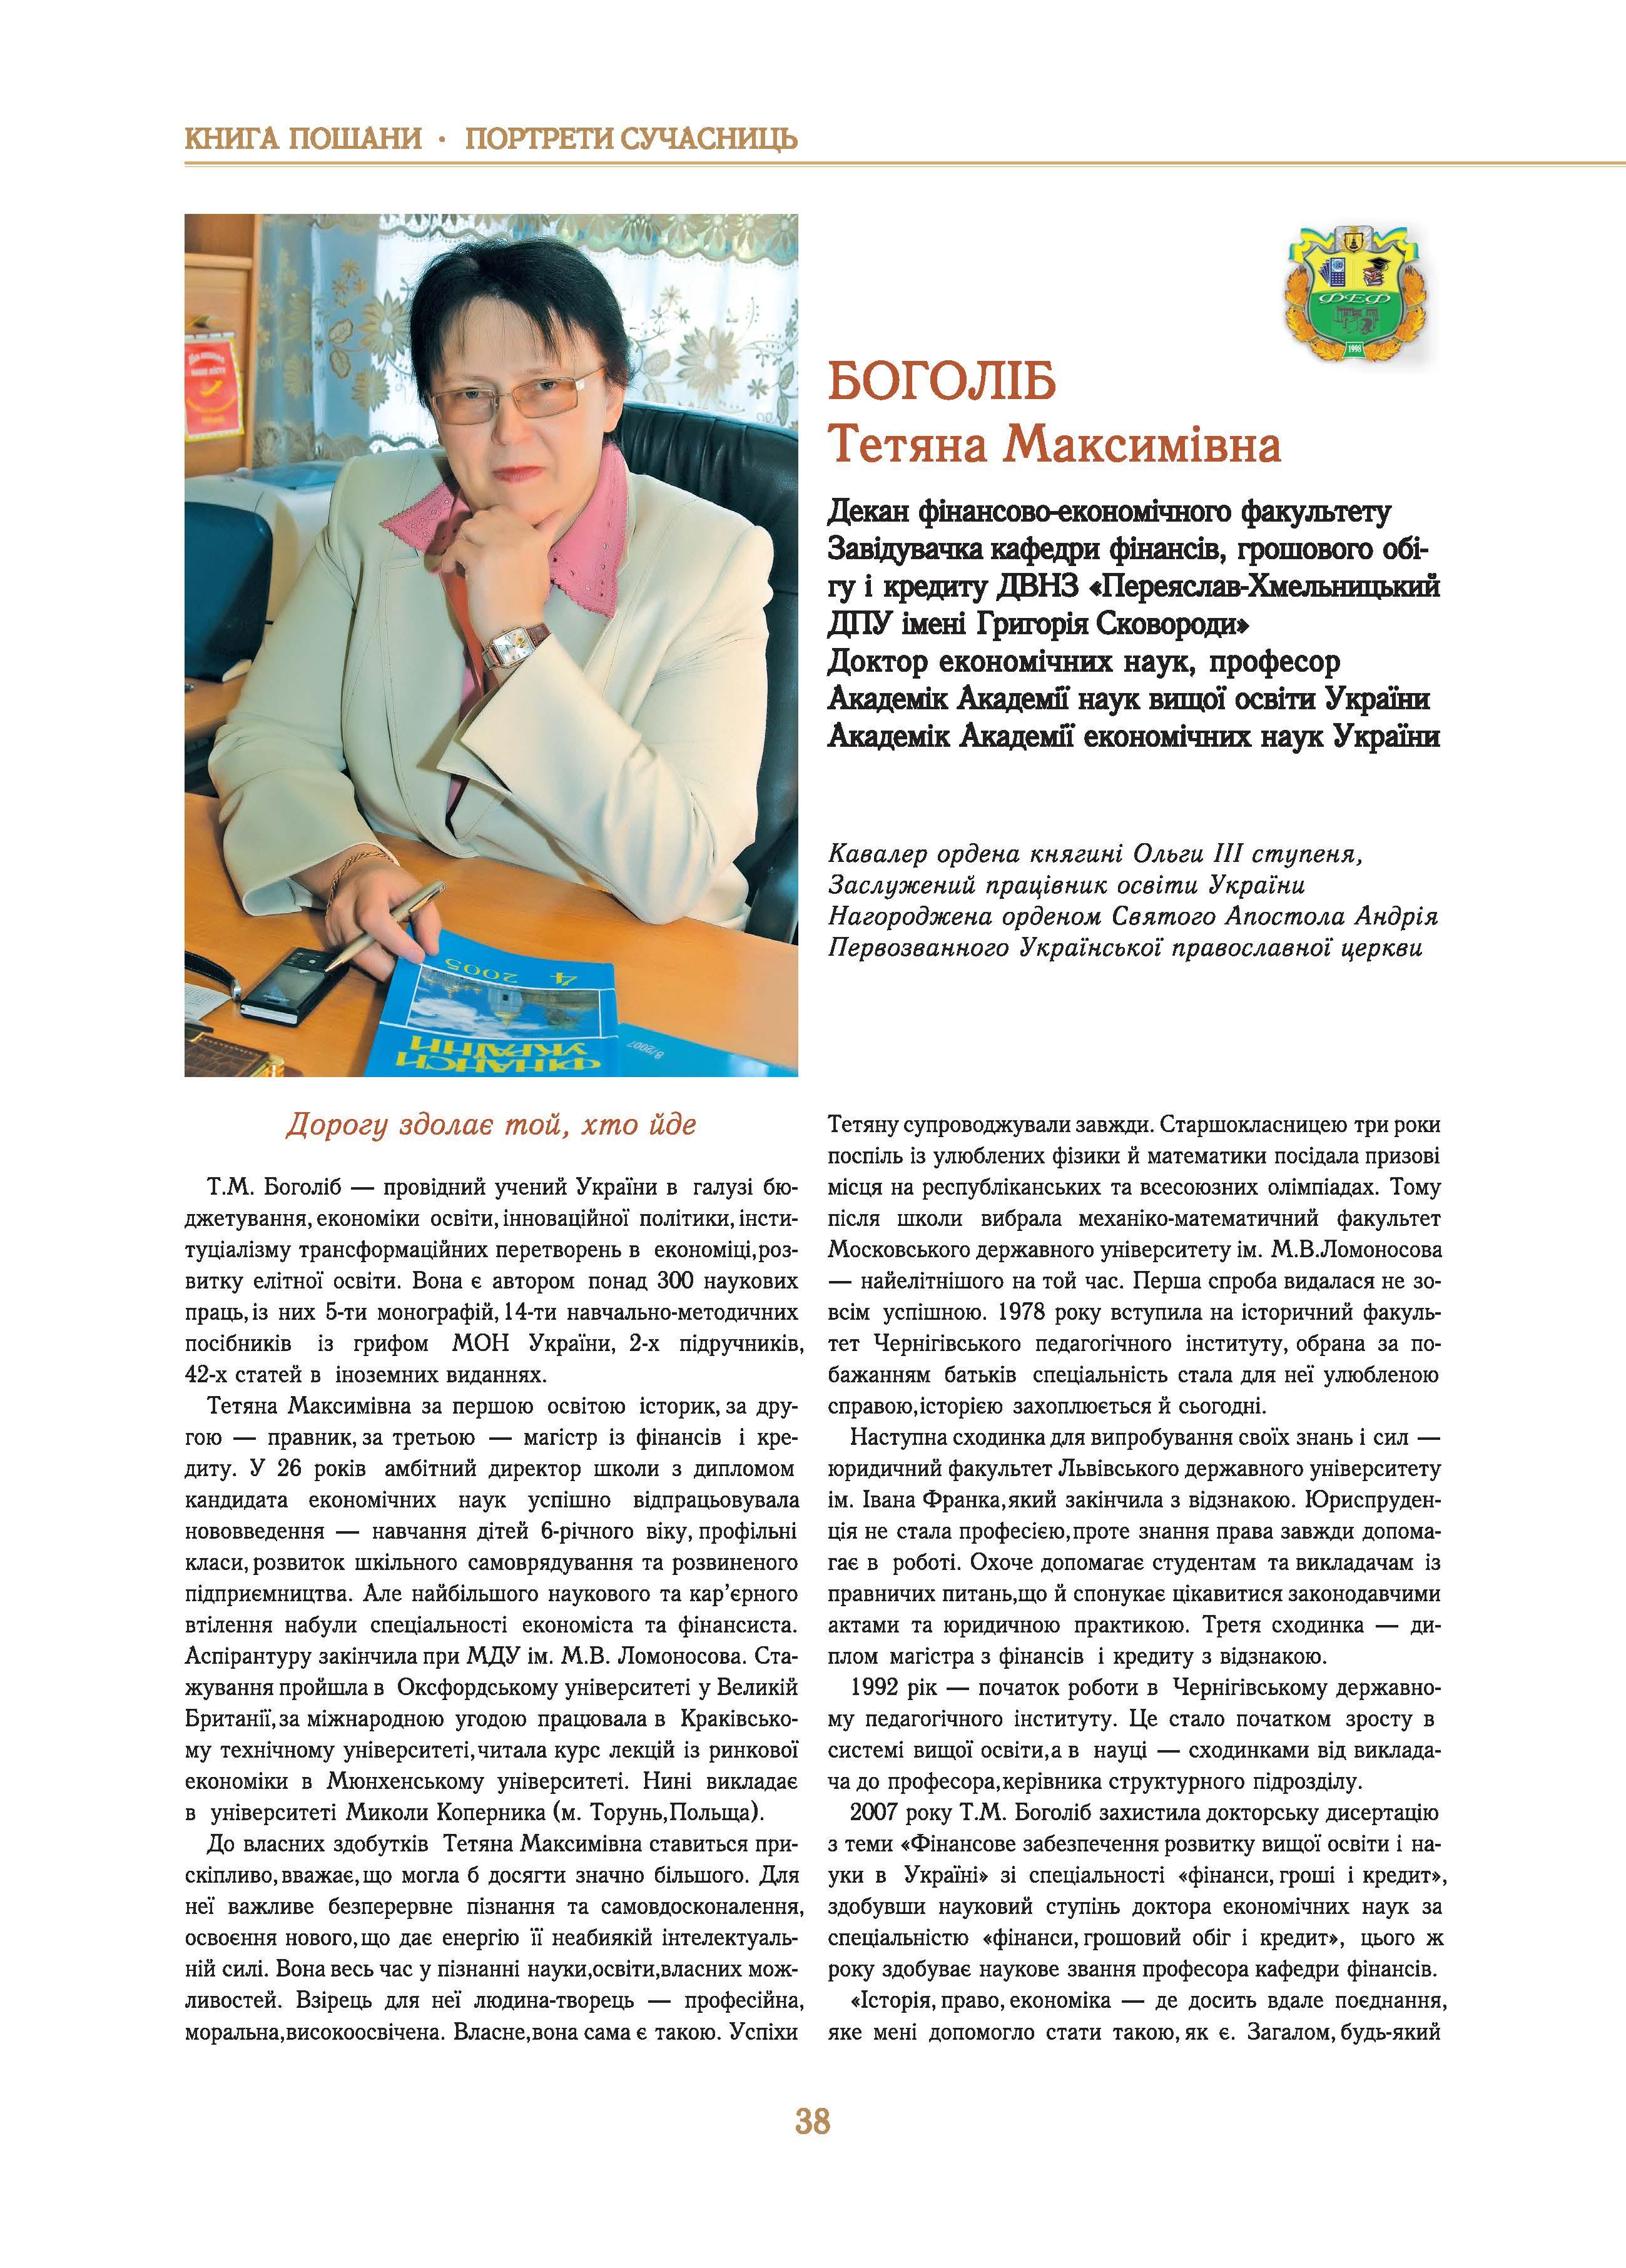 Боголіб Тетяна Максимівна